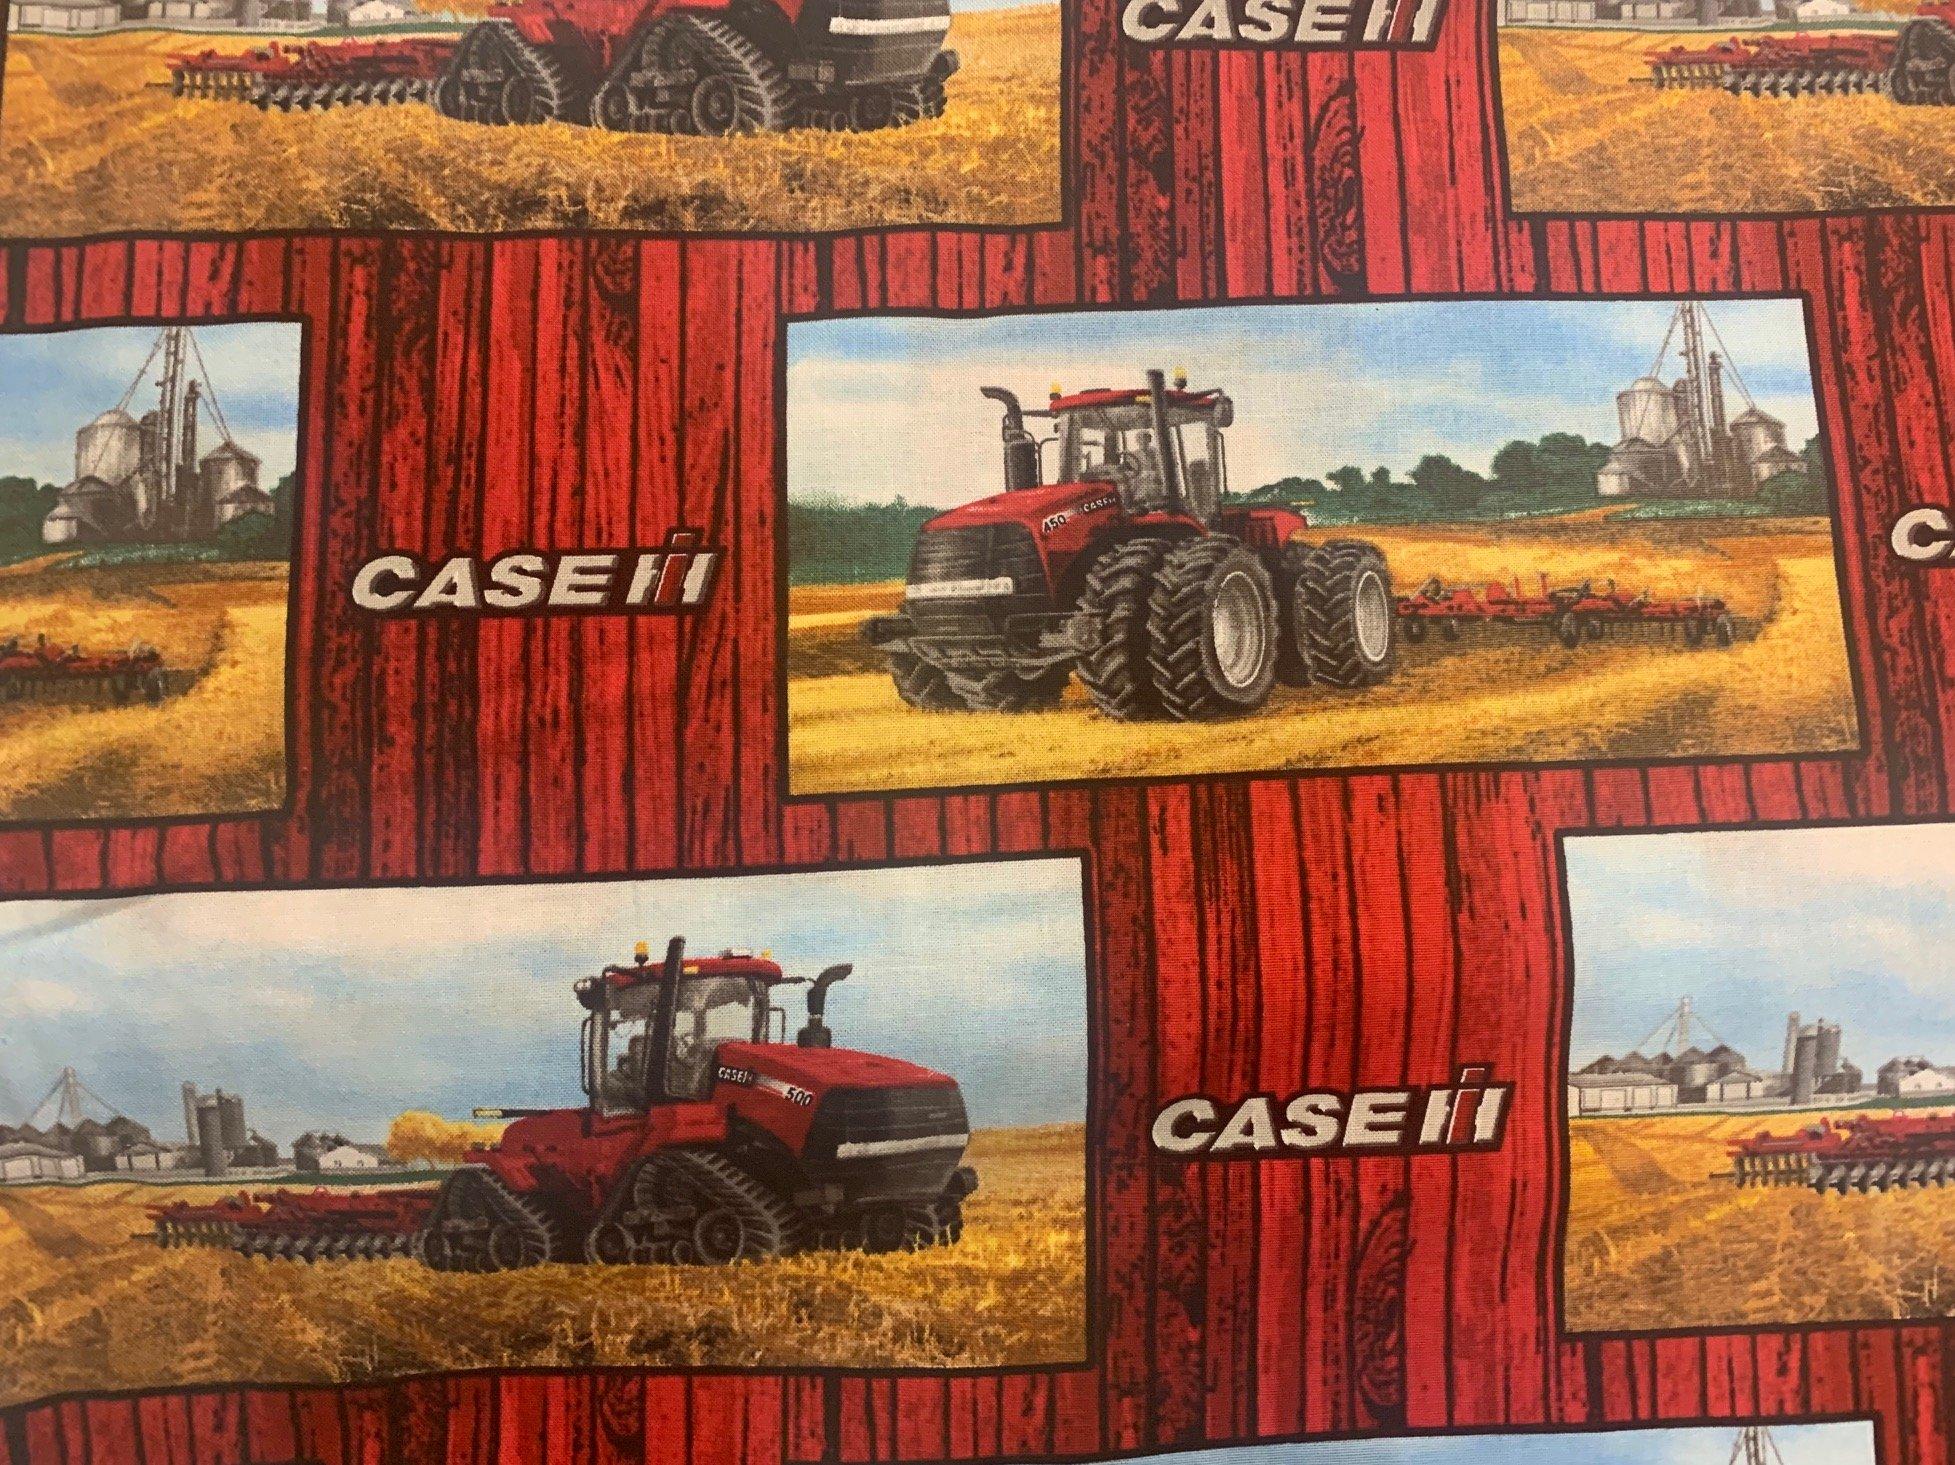 Case IH Harvestor Blocks